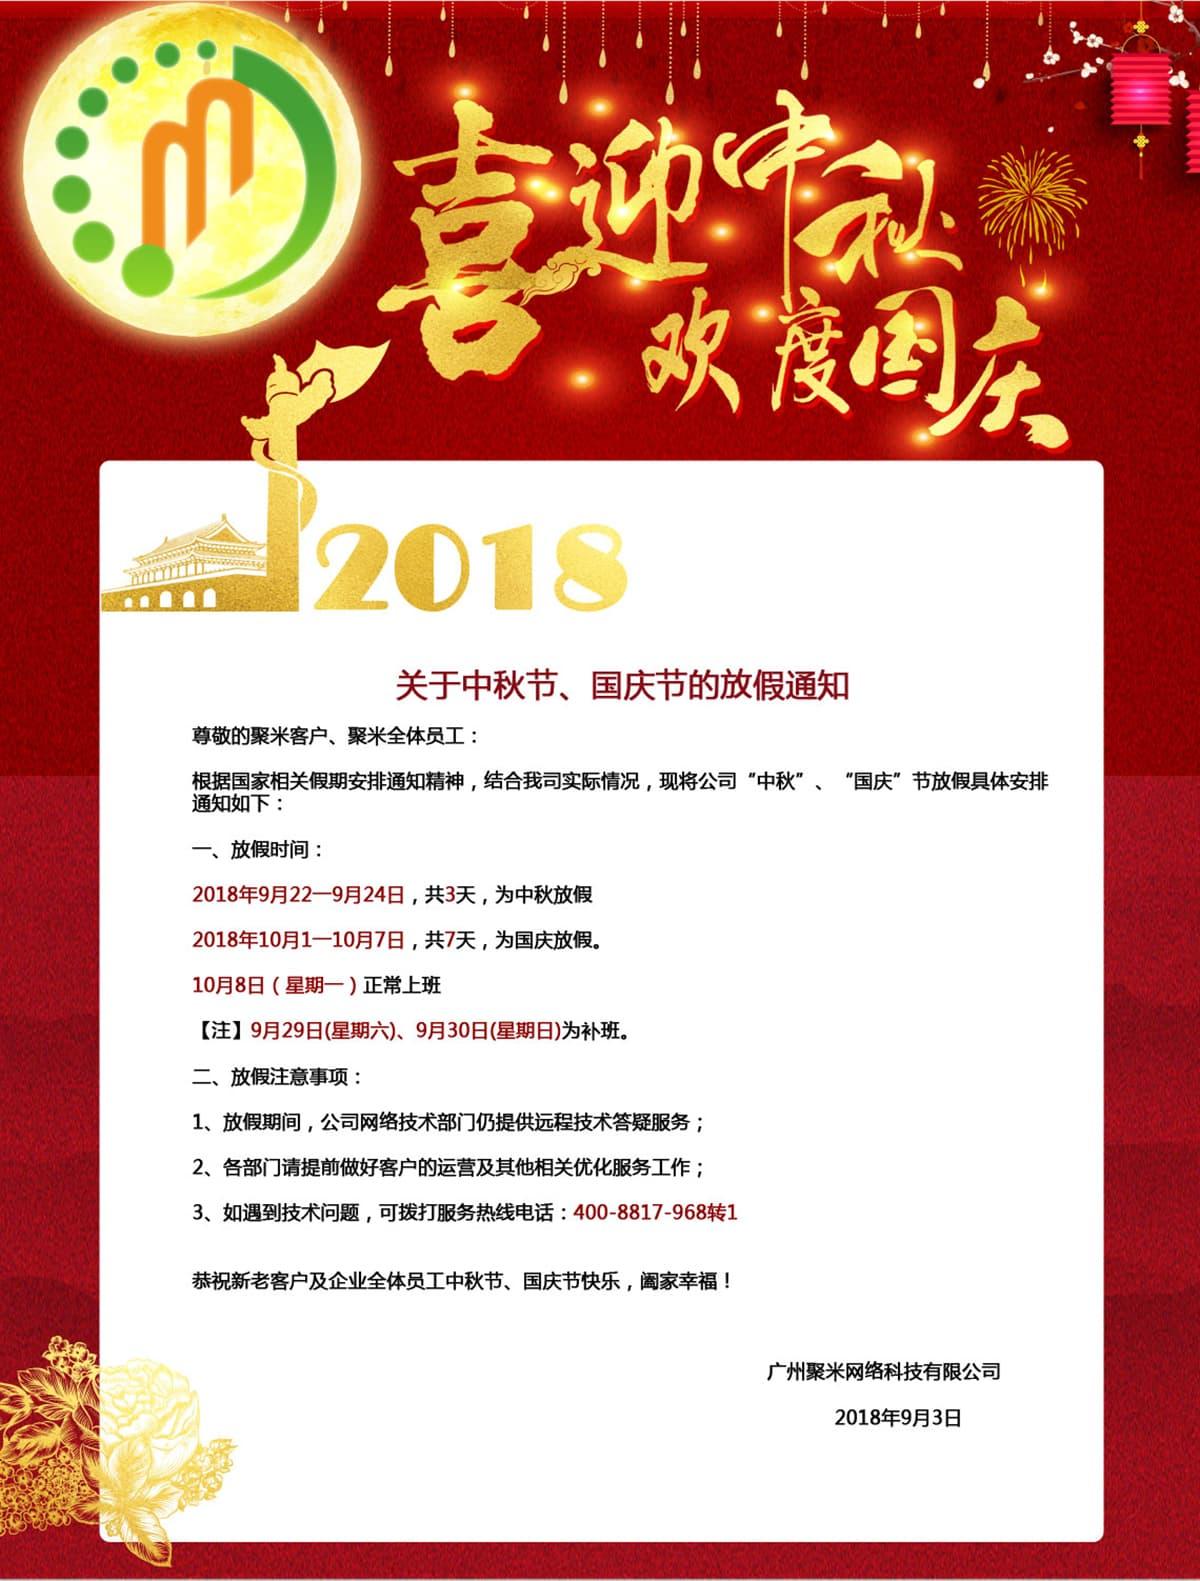 2018广州聚米网络中秋国庆放假通知